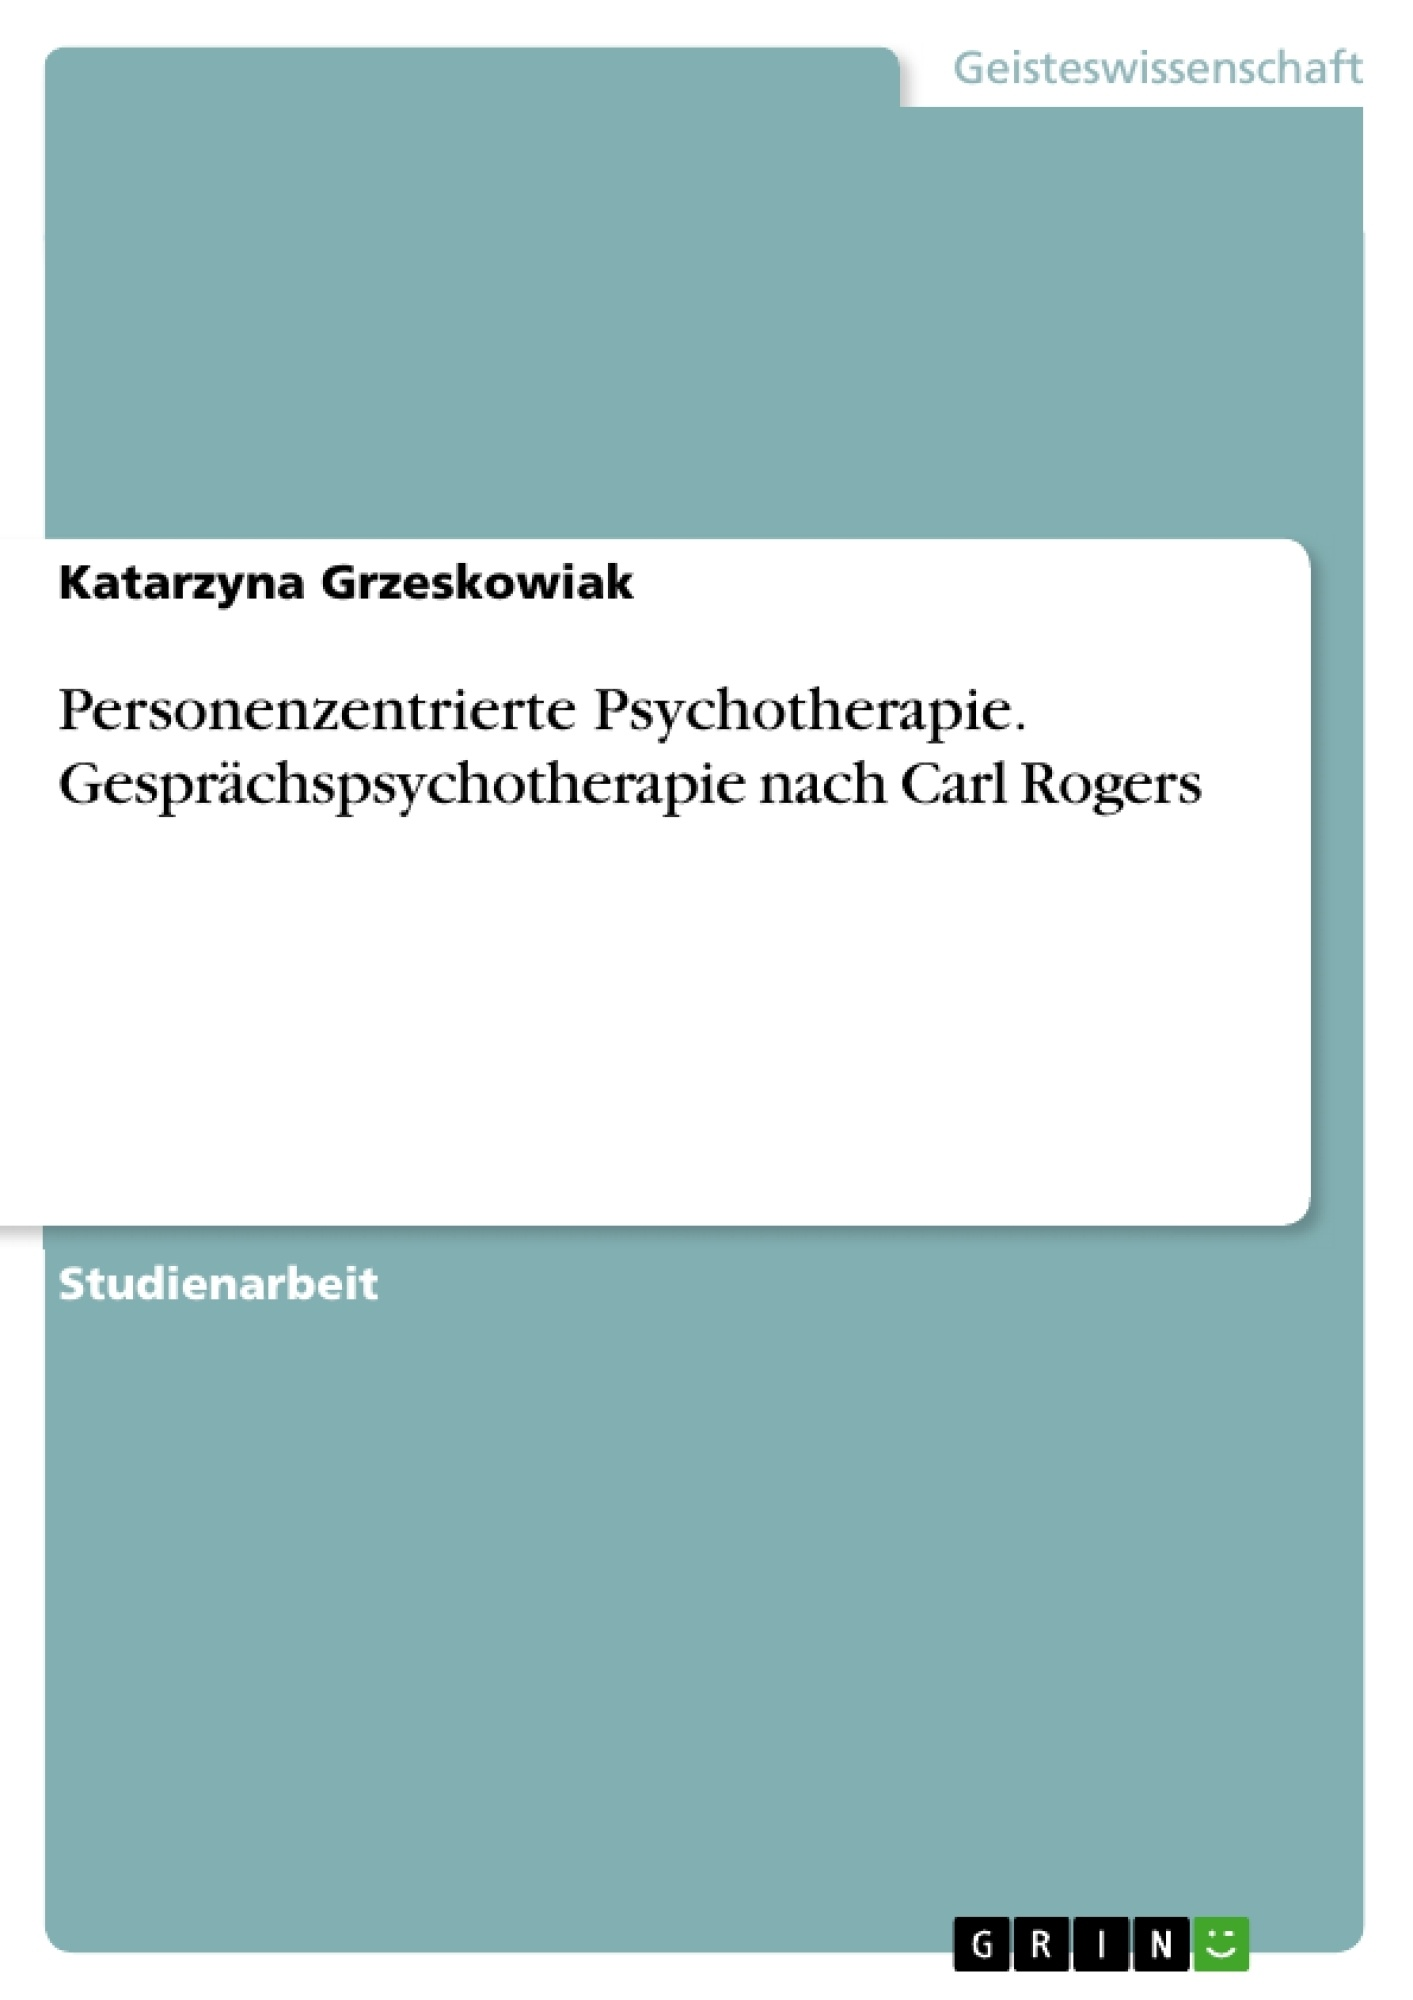 Titel: Personenzentrierte Psychotherapie. Gesprächspsychotherapie nach Carl Rogers